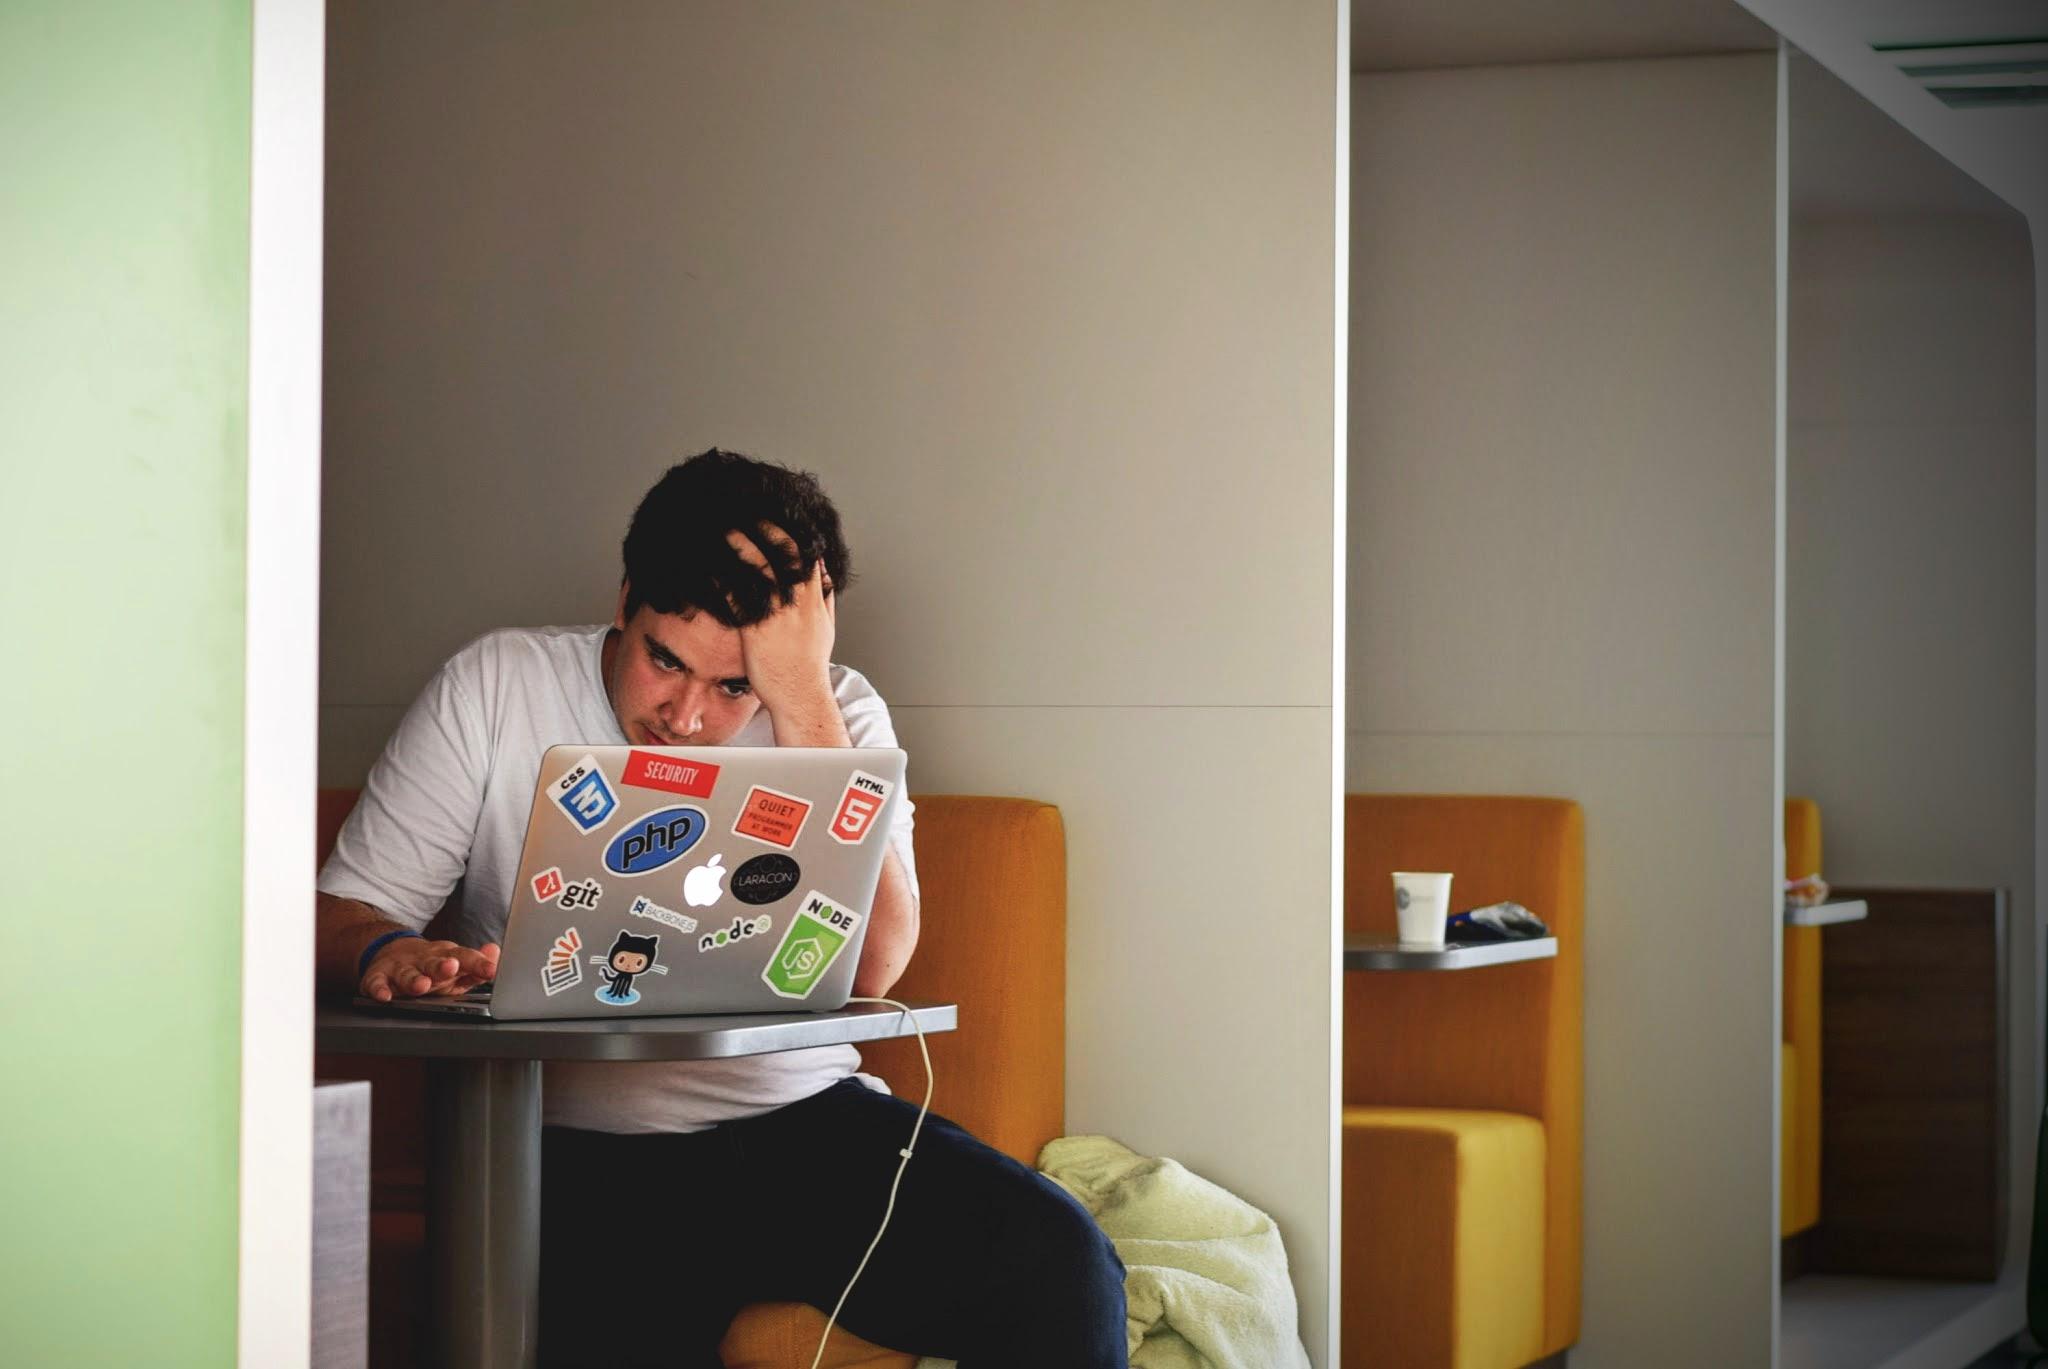 Informatiker sitzt an einem Laptop mit Aufklebern verschiedener IT-Projekte